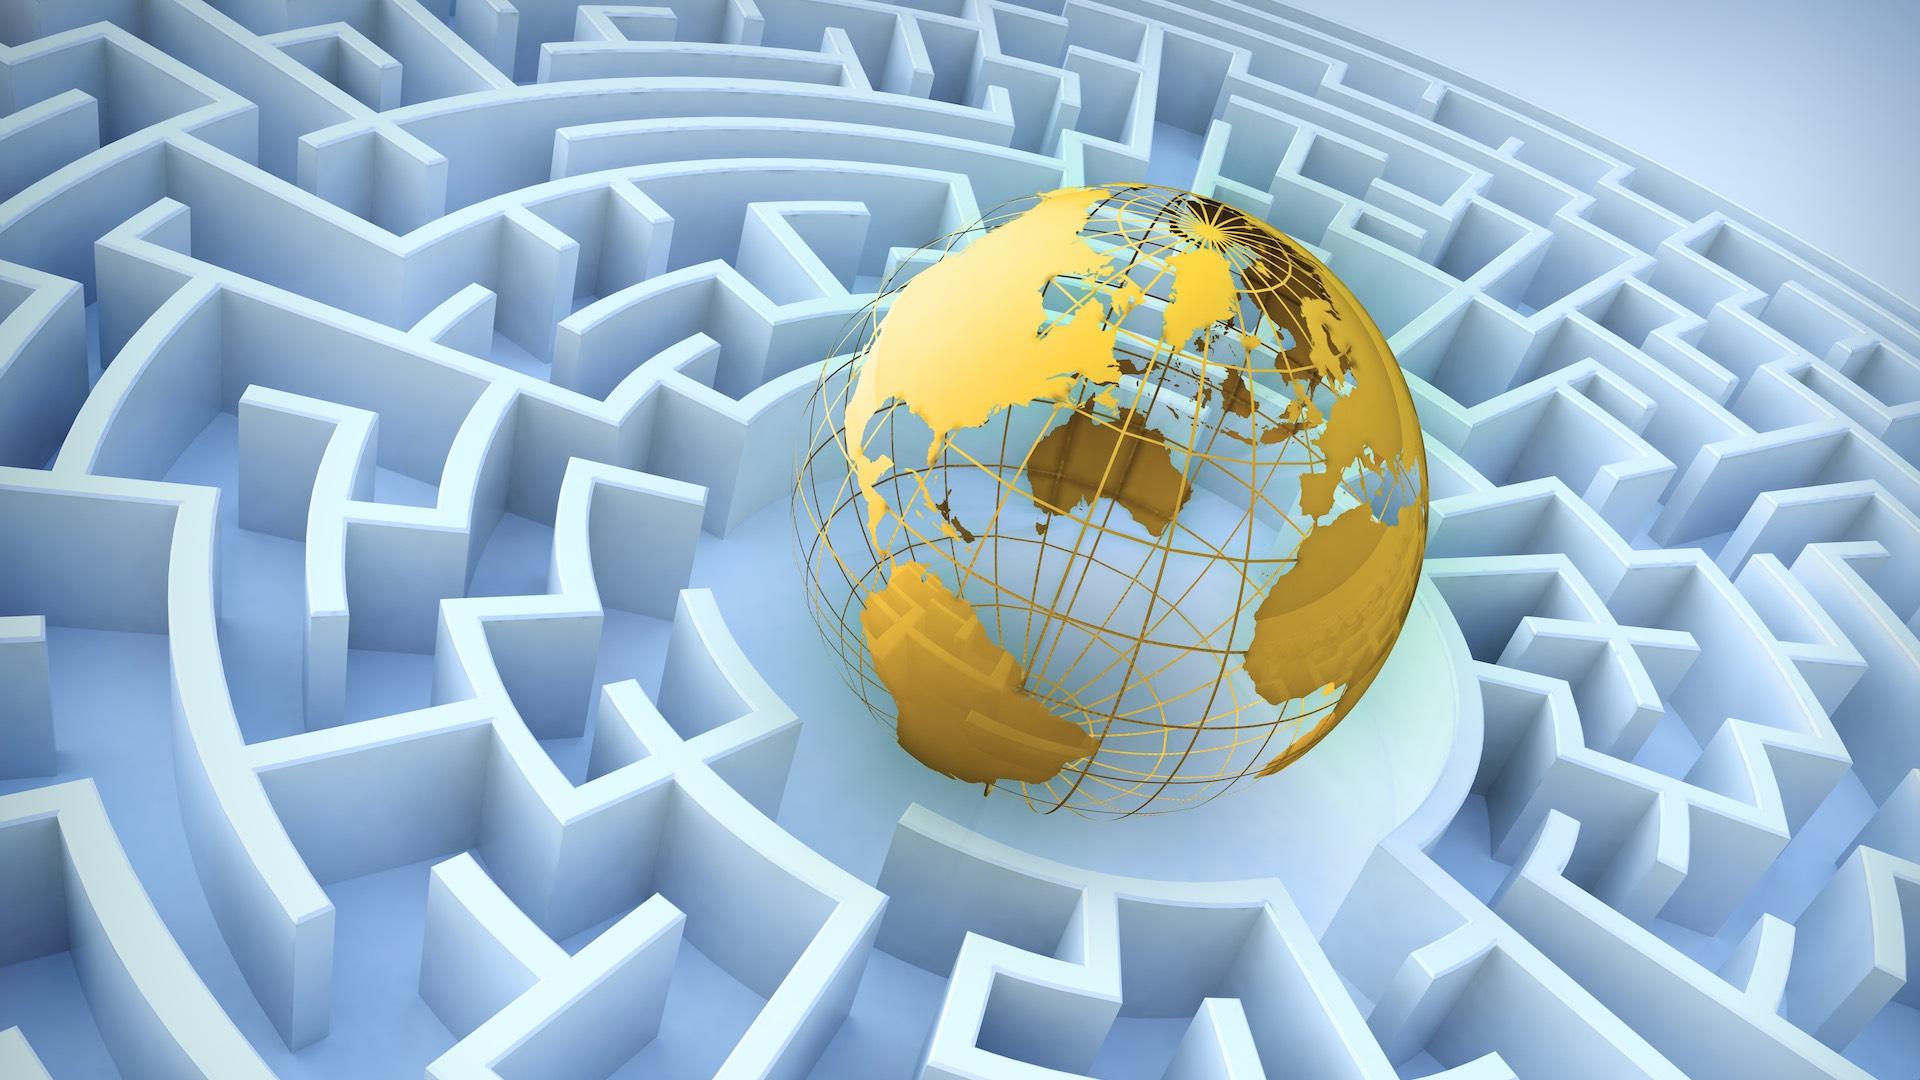 bola del mundo en el centro de un laberinto, simbolizando la complejidad de las relaciones internacionales